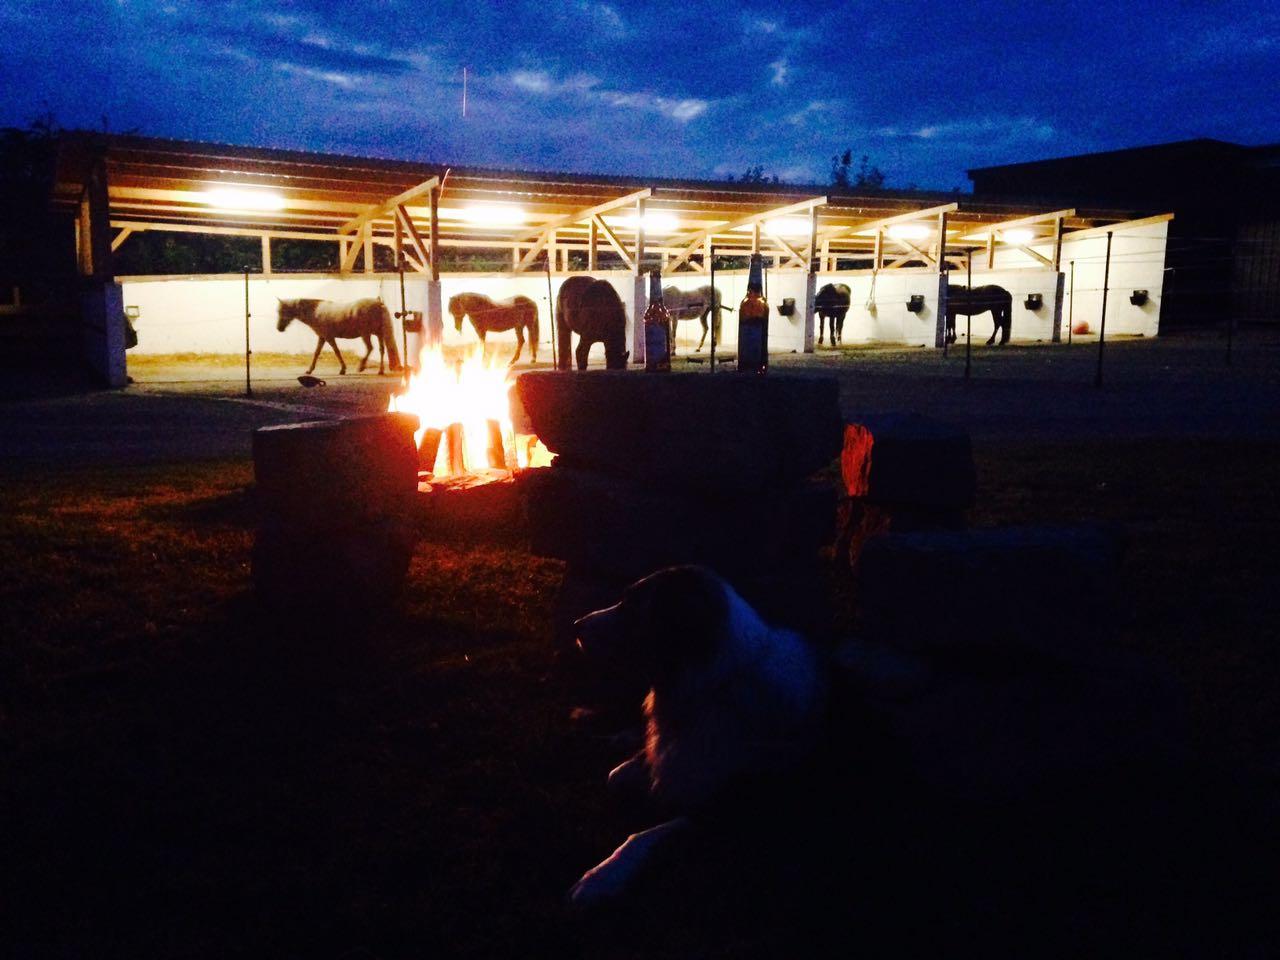 Zentrum für Pferdegesundheit: Abendstimmung vor den Therapieboxen